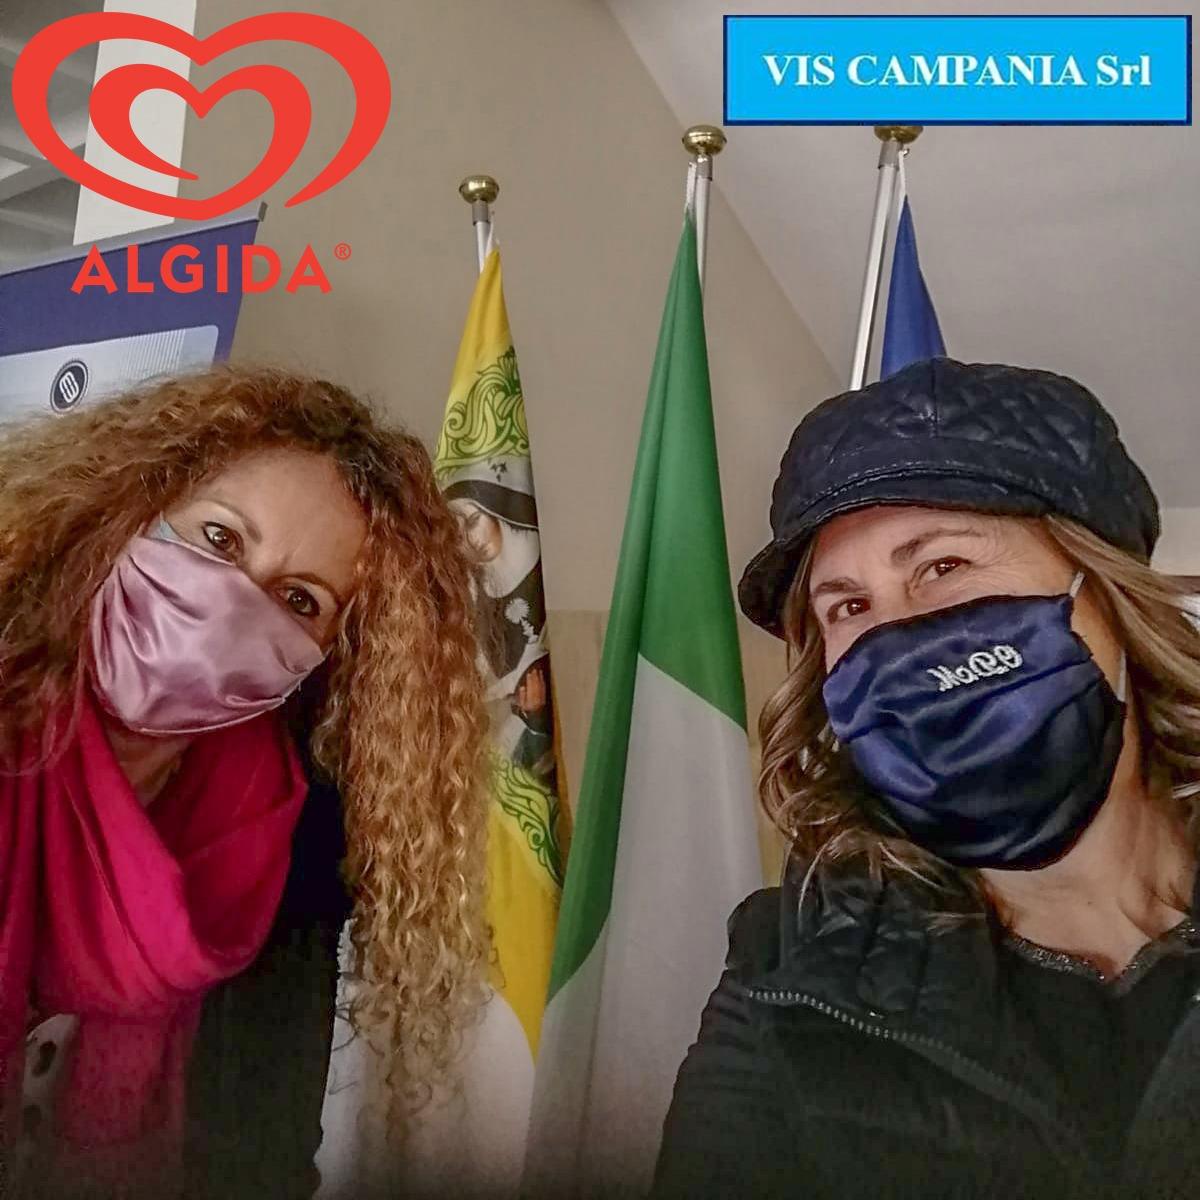 %name LA VIS CAMPANIA DONA 12000 GELATI NELLA GIORNATA DELLA MEMORIA ALLE VITTIME DEL CORONAVIRUS